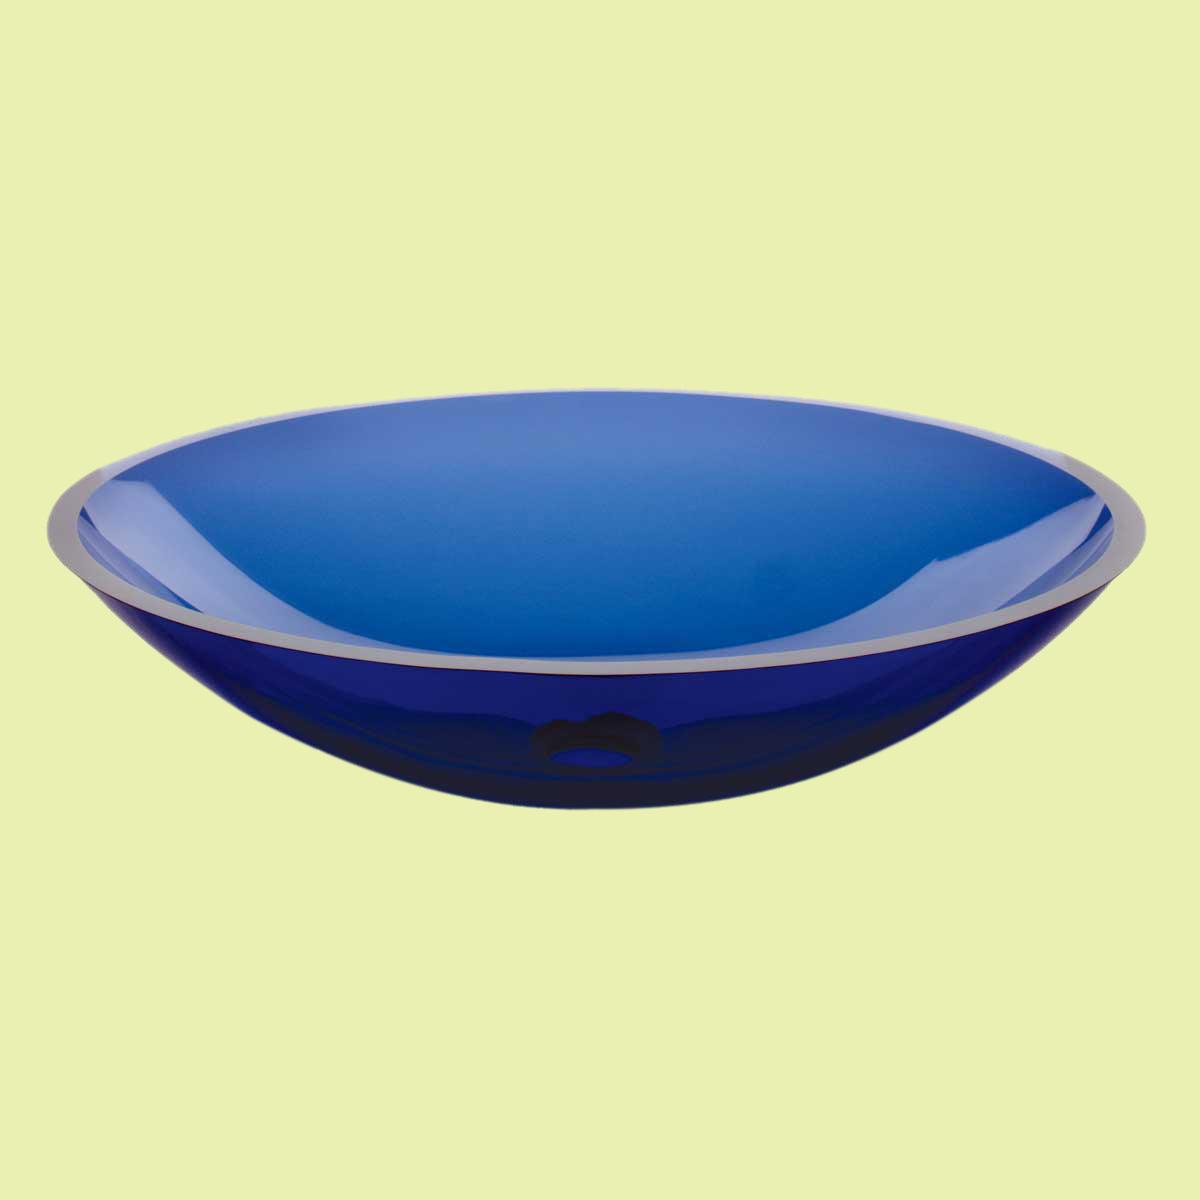 Oval Glass Vessel Sink : Glass Vessel Bathroom Sink Dark Blue Sea Oval